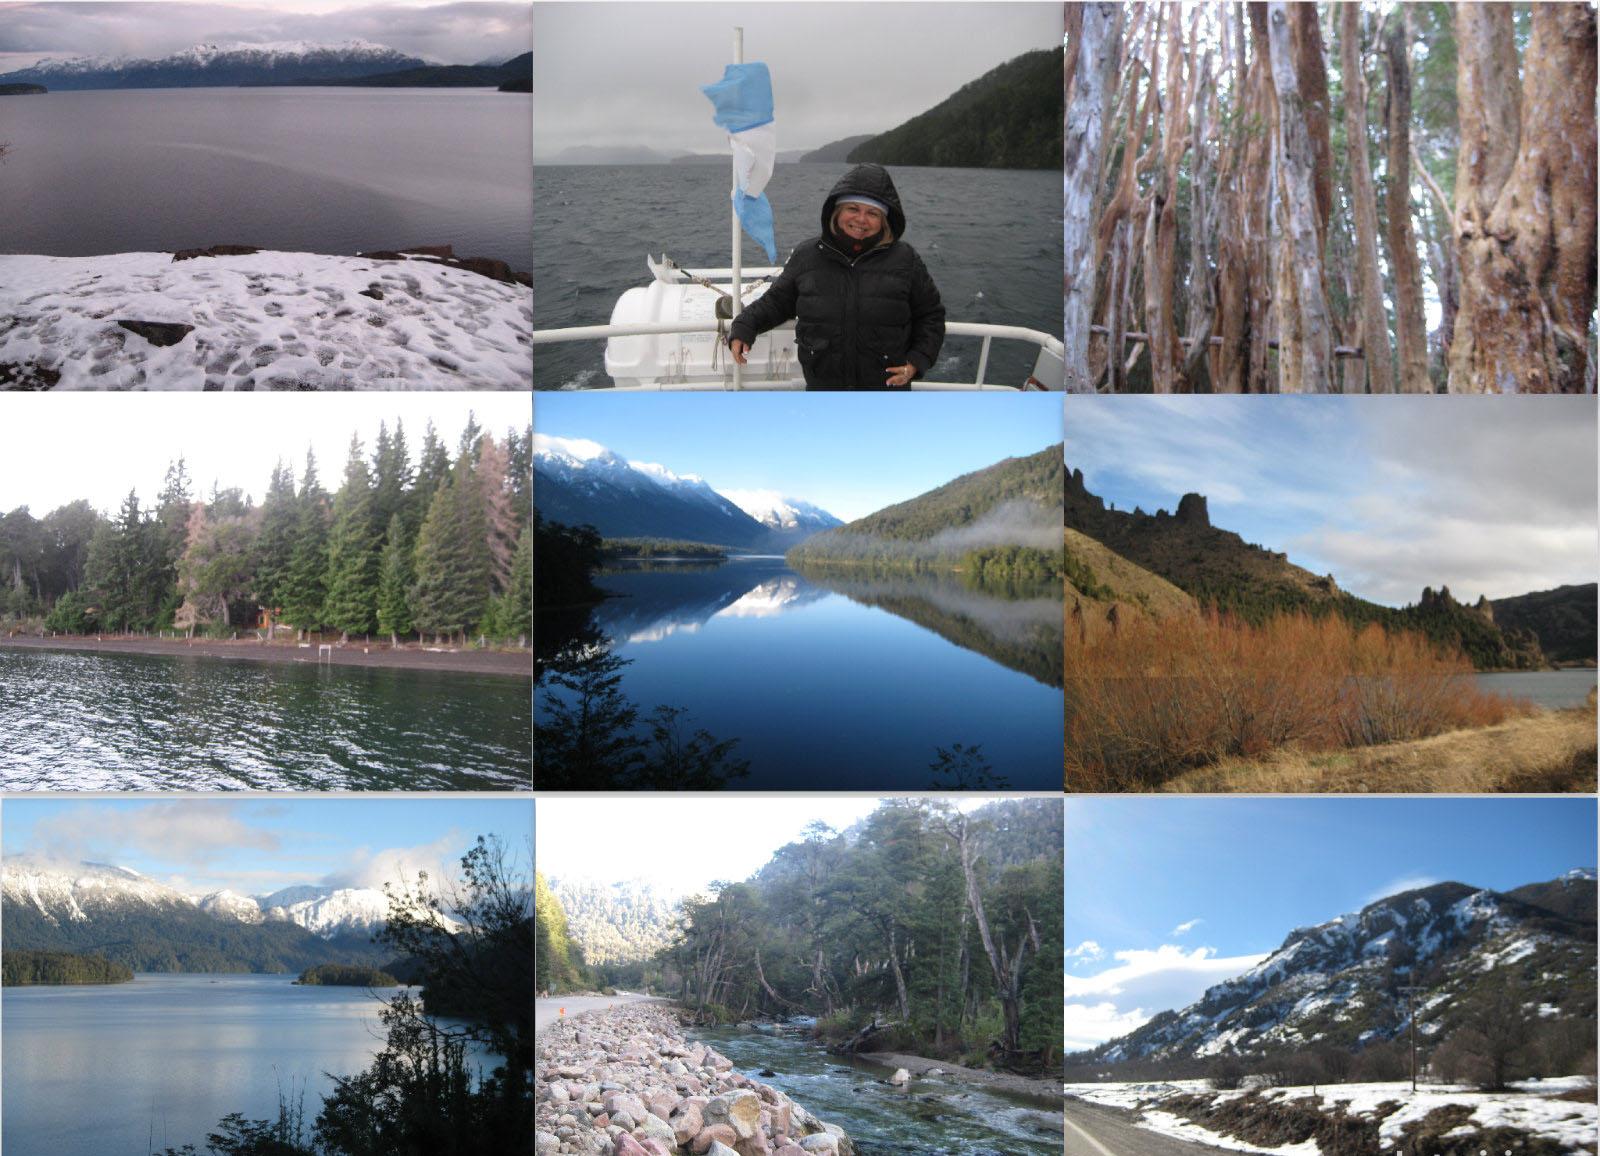 Montañas Nevadas En La Patagonia: Porque Quiero Más: Patagonia Argentina